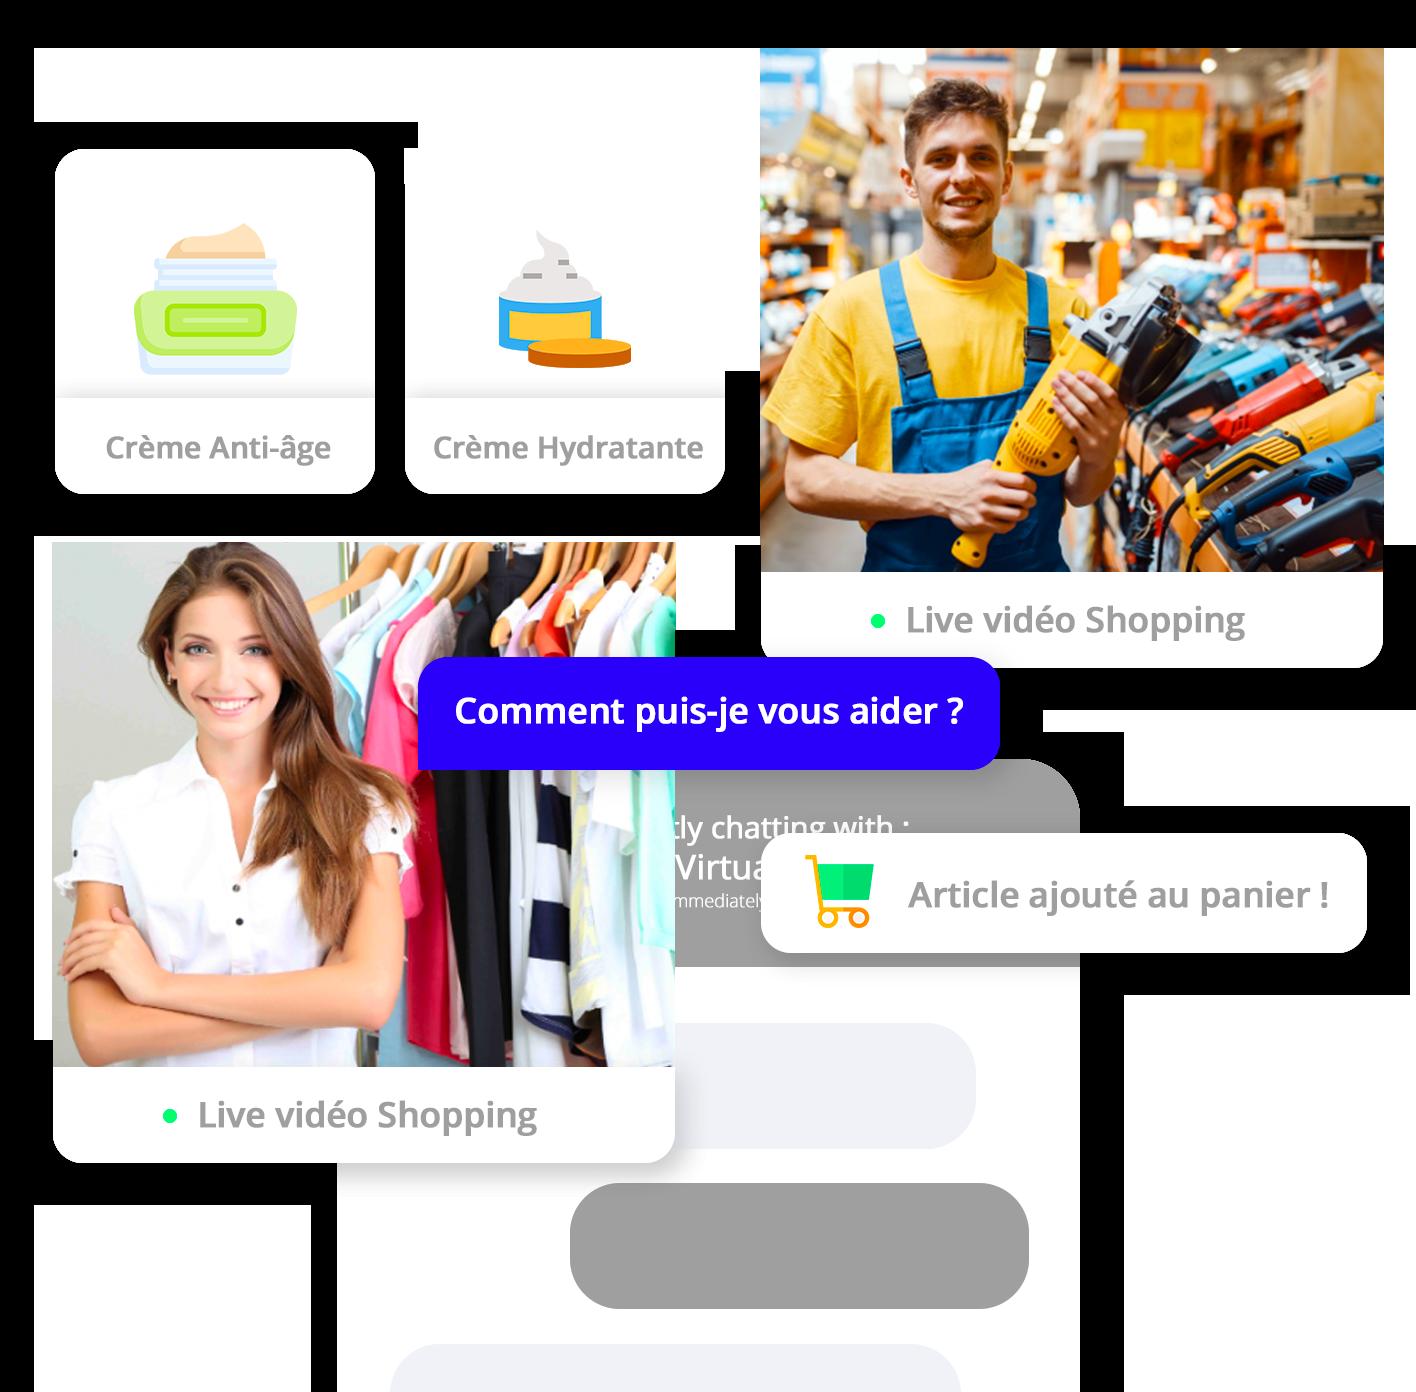 Lead gen chatbot pour augmenter votre chiffre d'affaires